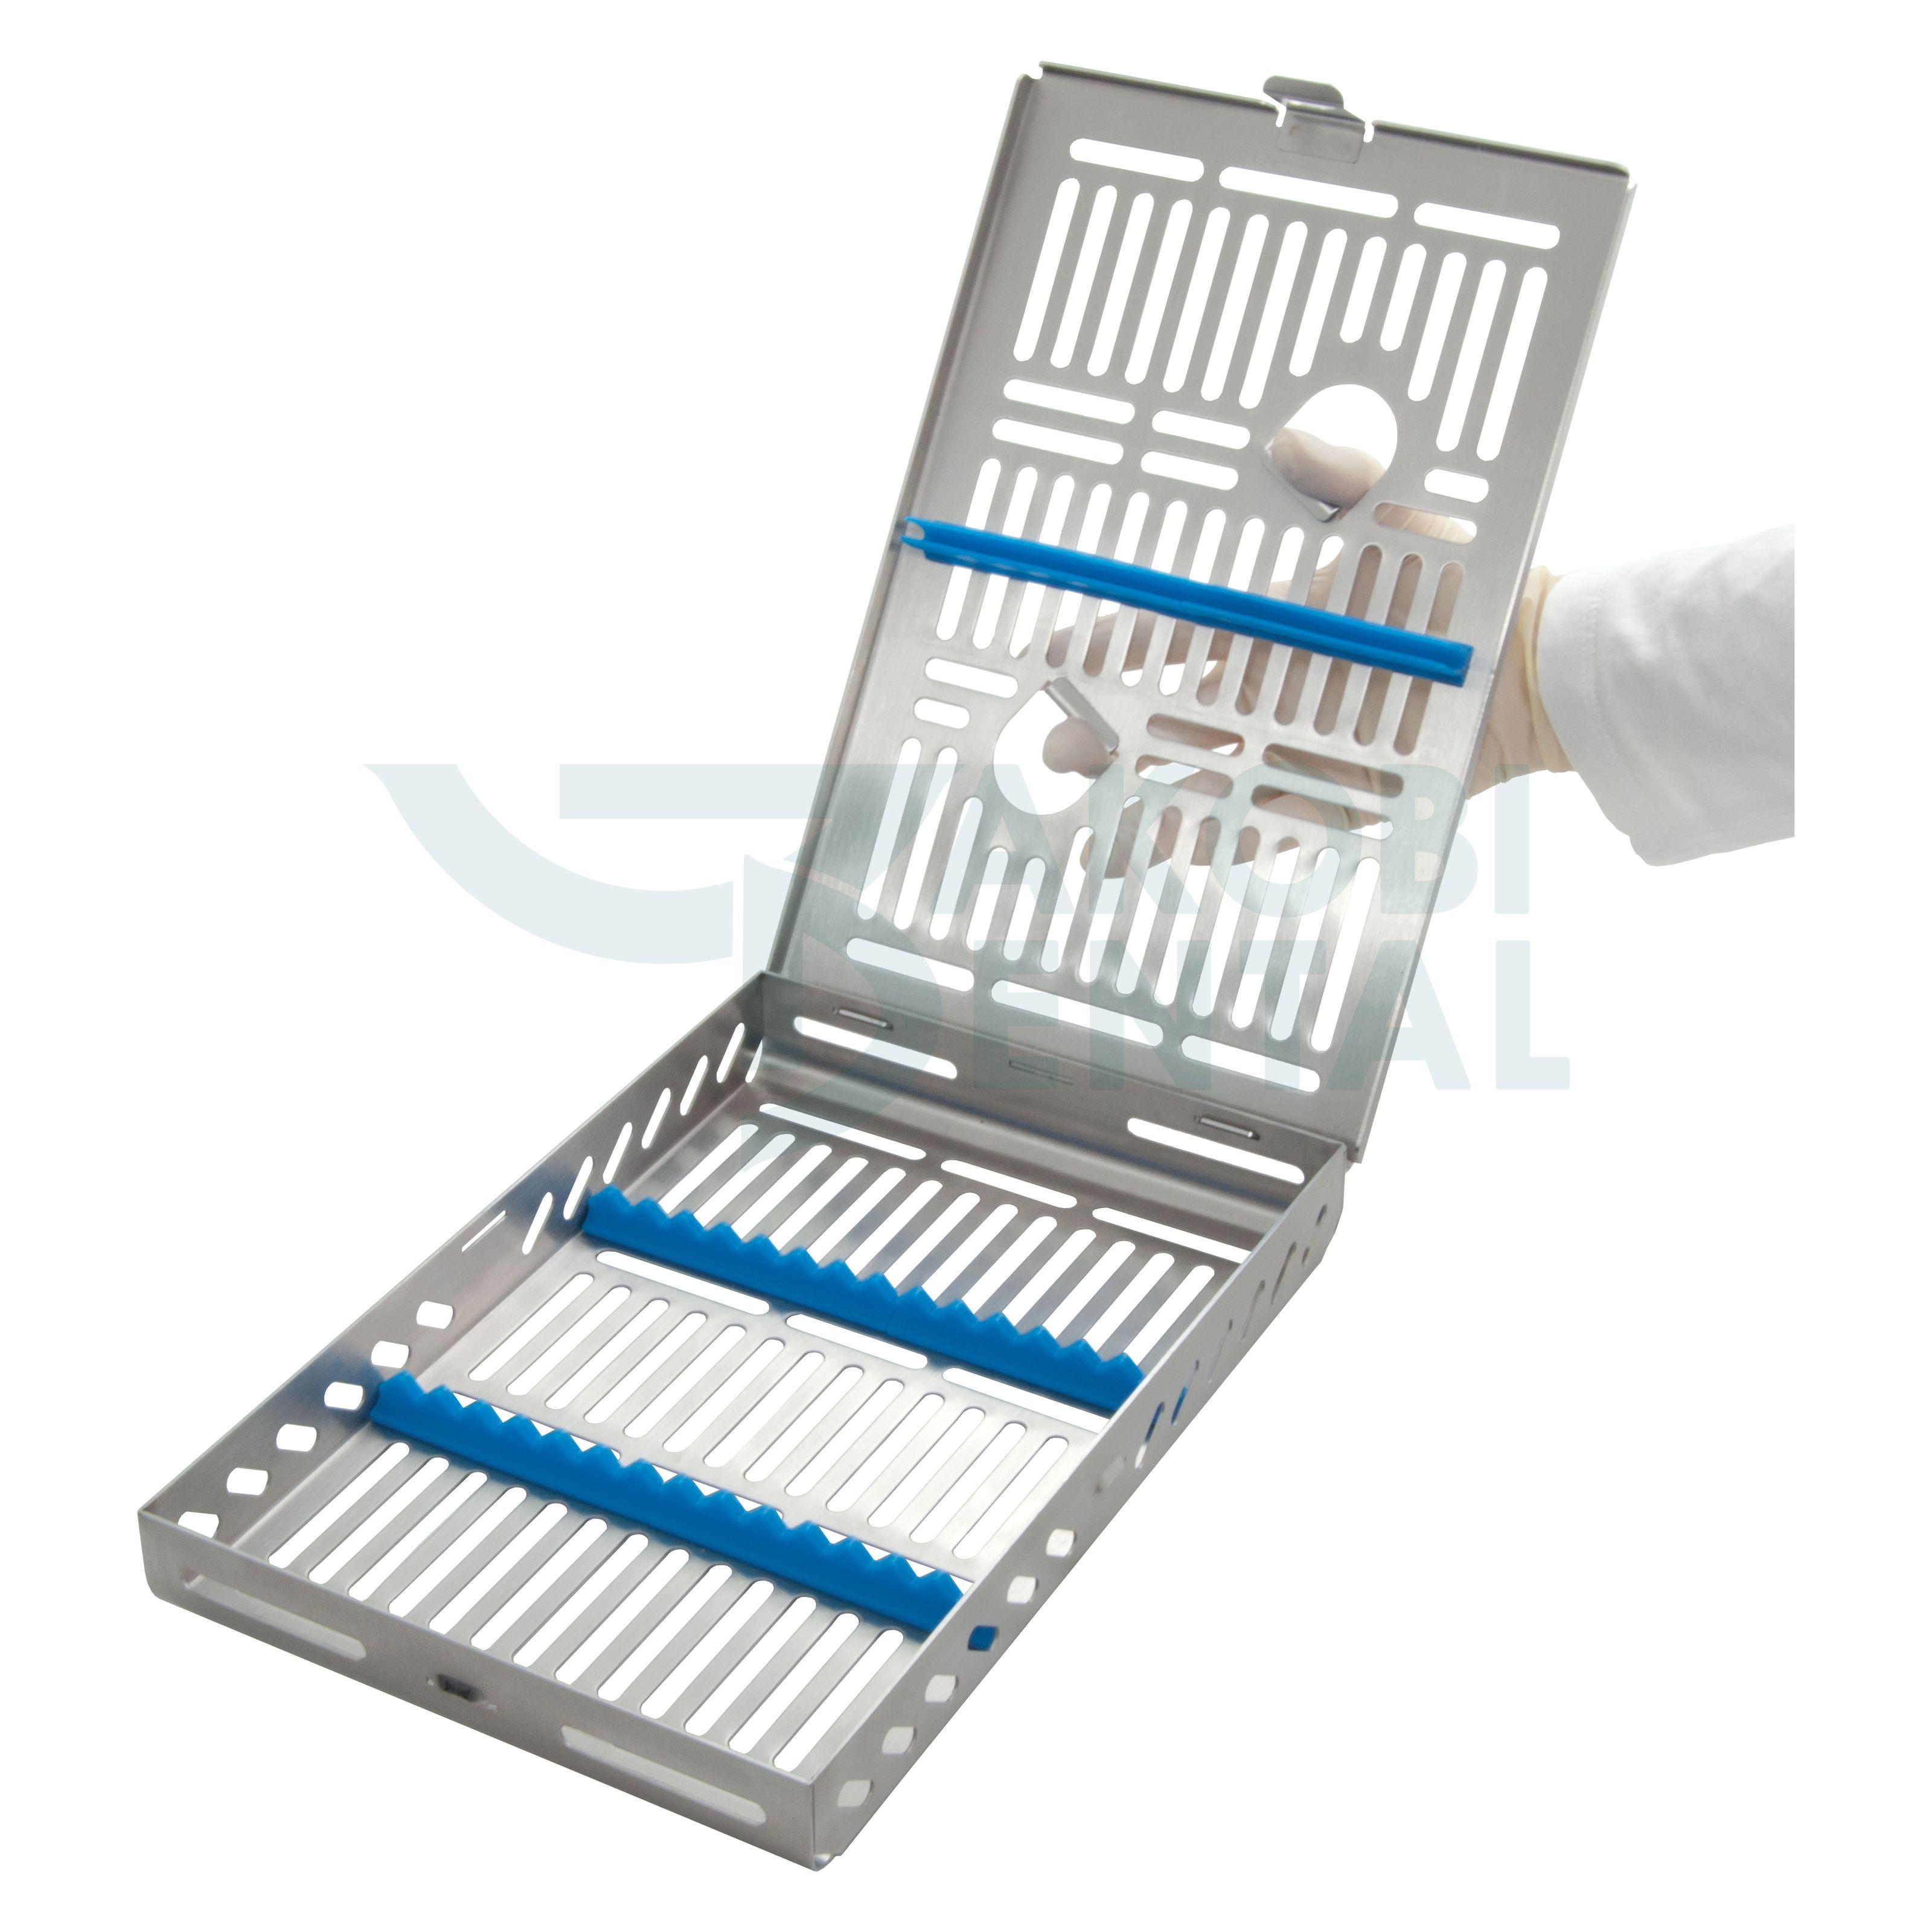 DIN Kassette / Waschtray für 14 Instr. - Farbe wählbar